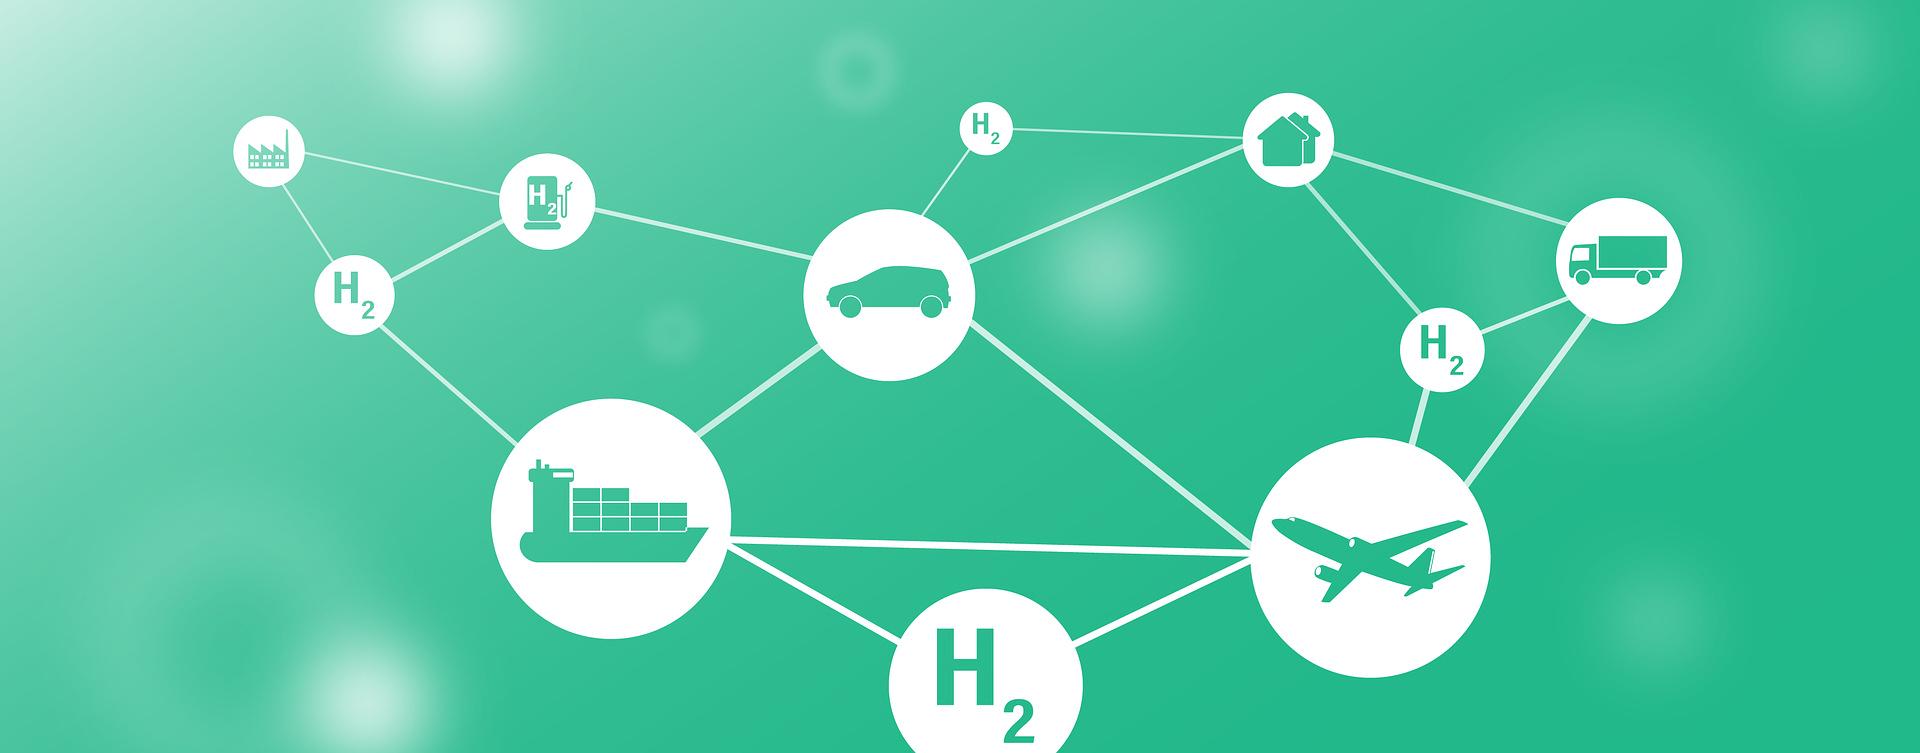 nodos uniendo el hidrógeno con diferentes medios de transporte, con fondo verde. ¿es realmente ecológico el hidrogeno?